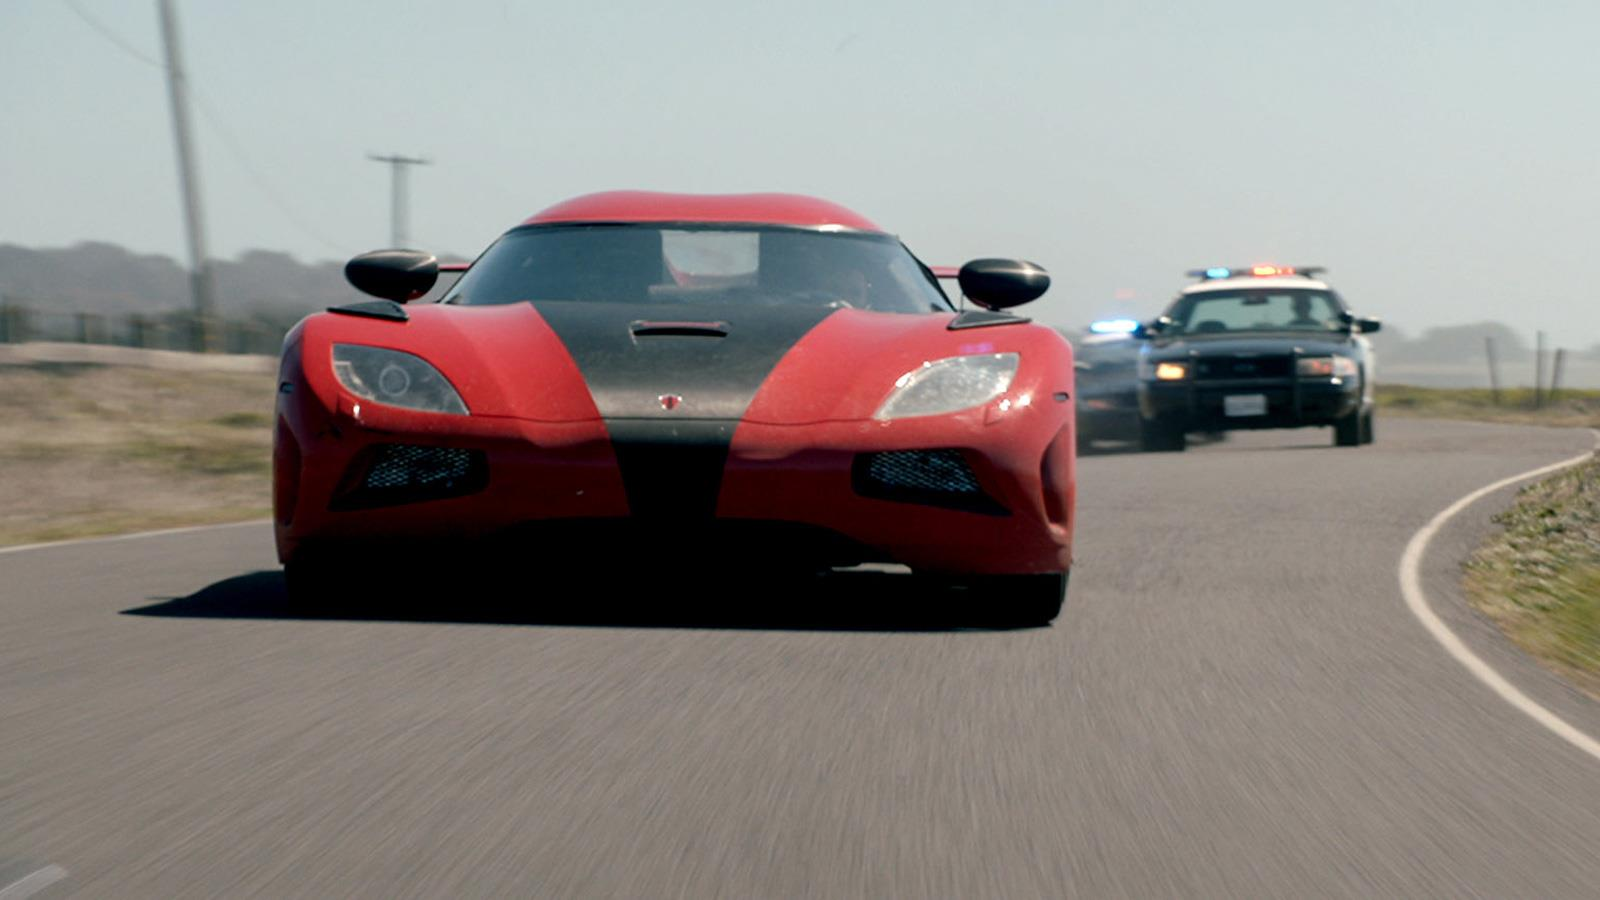 Los Carros De La Pel 237 Cula De Need For Speed Autocosmos Com